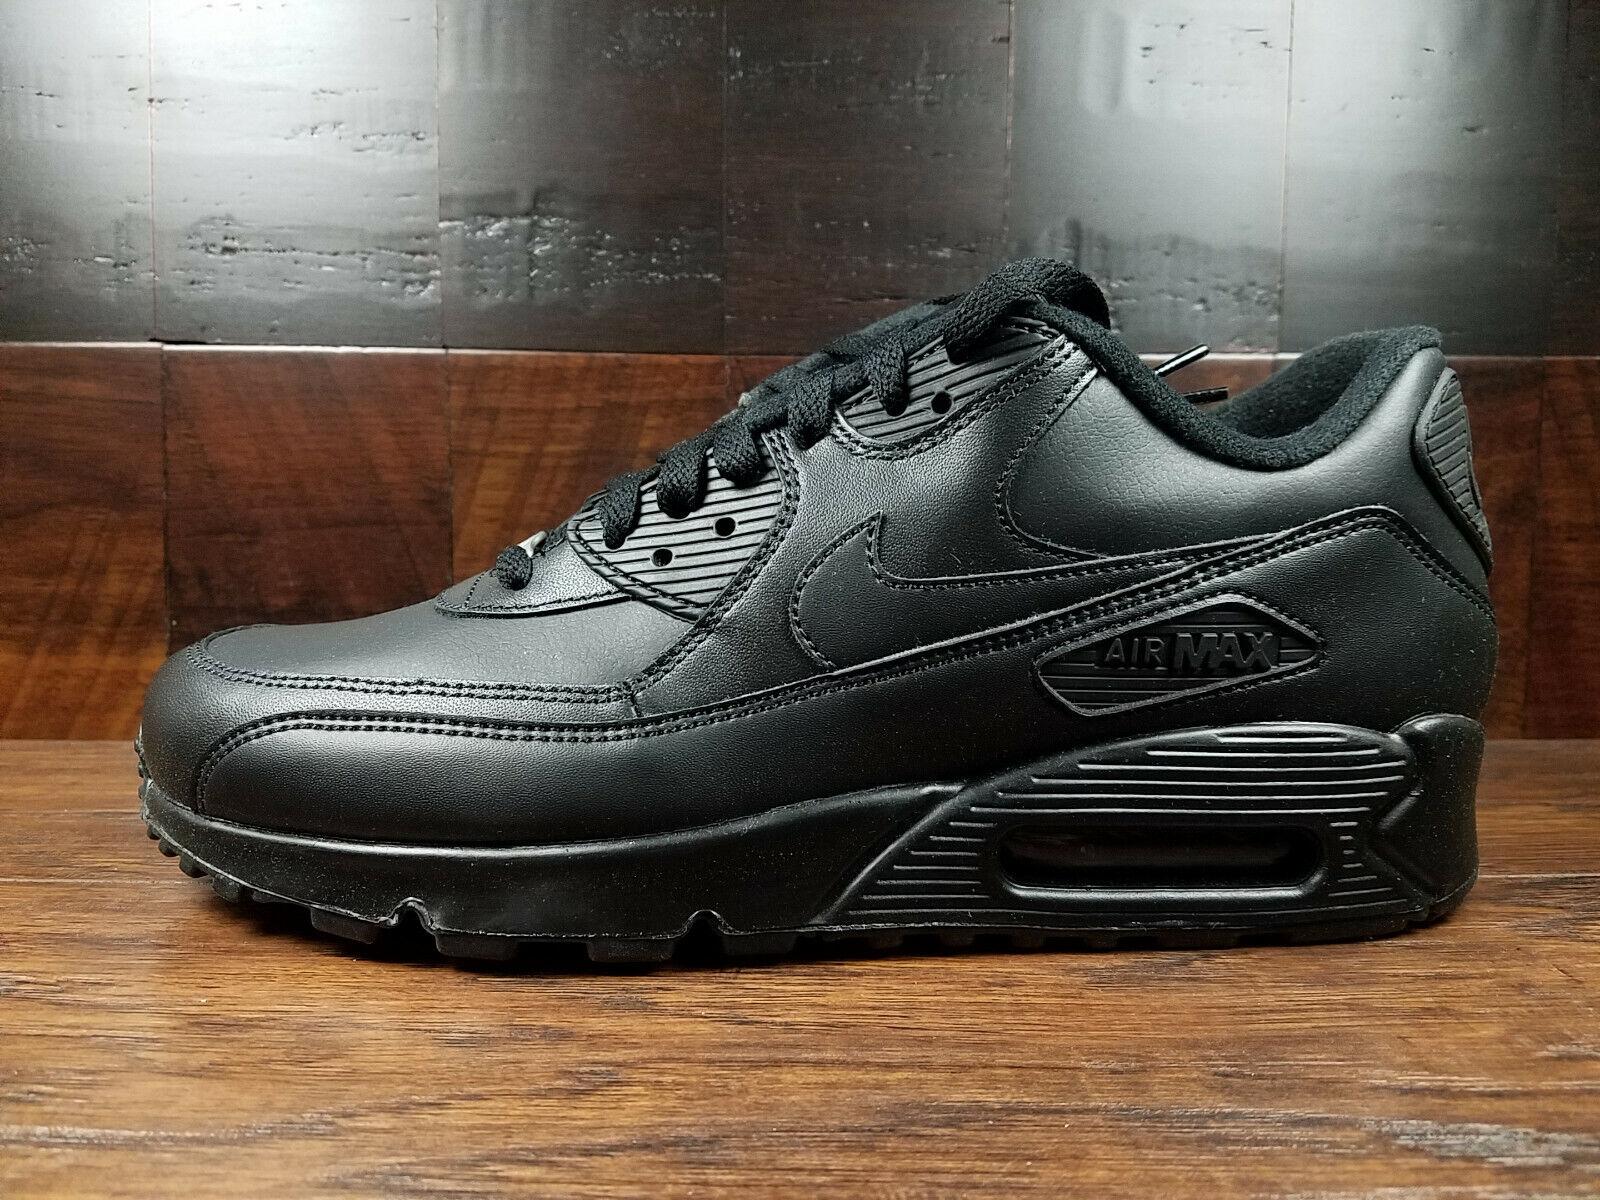 Nike Air Max 95 Granite OG UK 8.5 EU 43